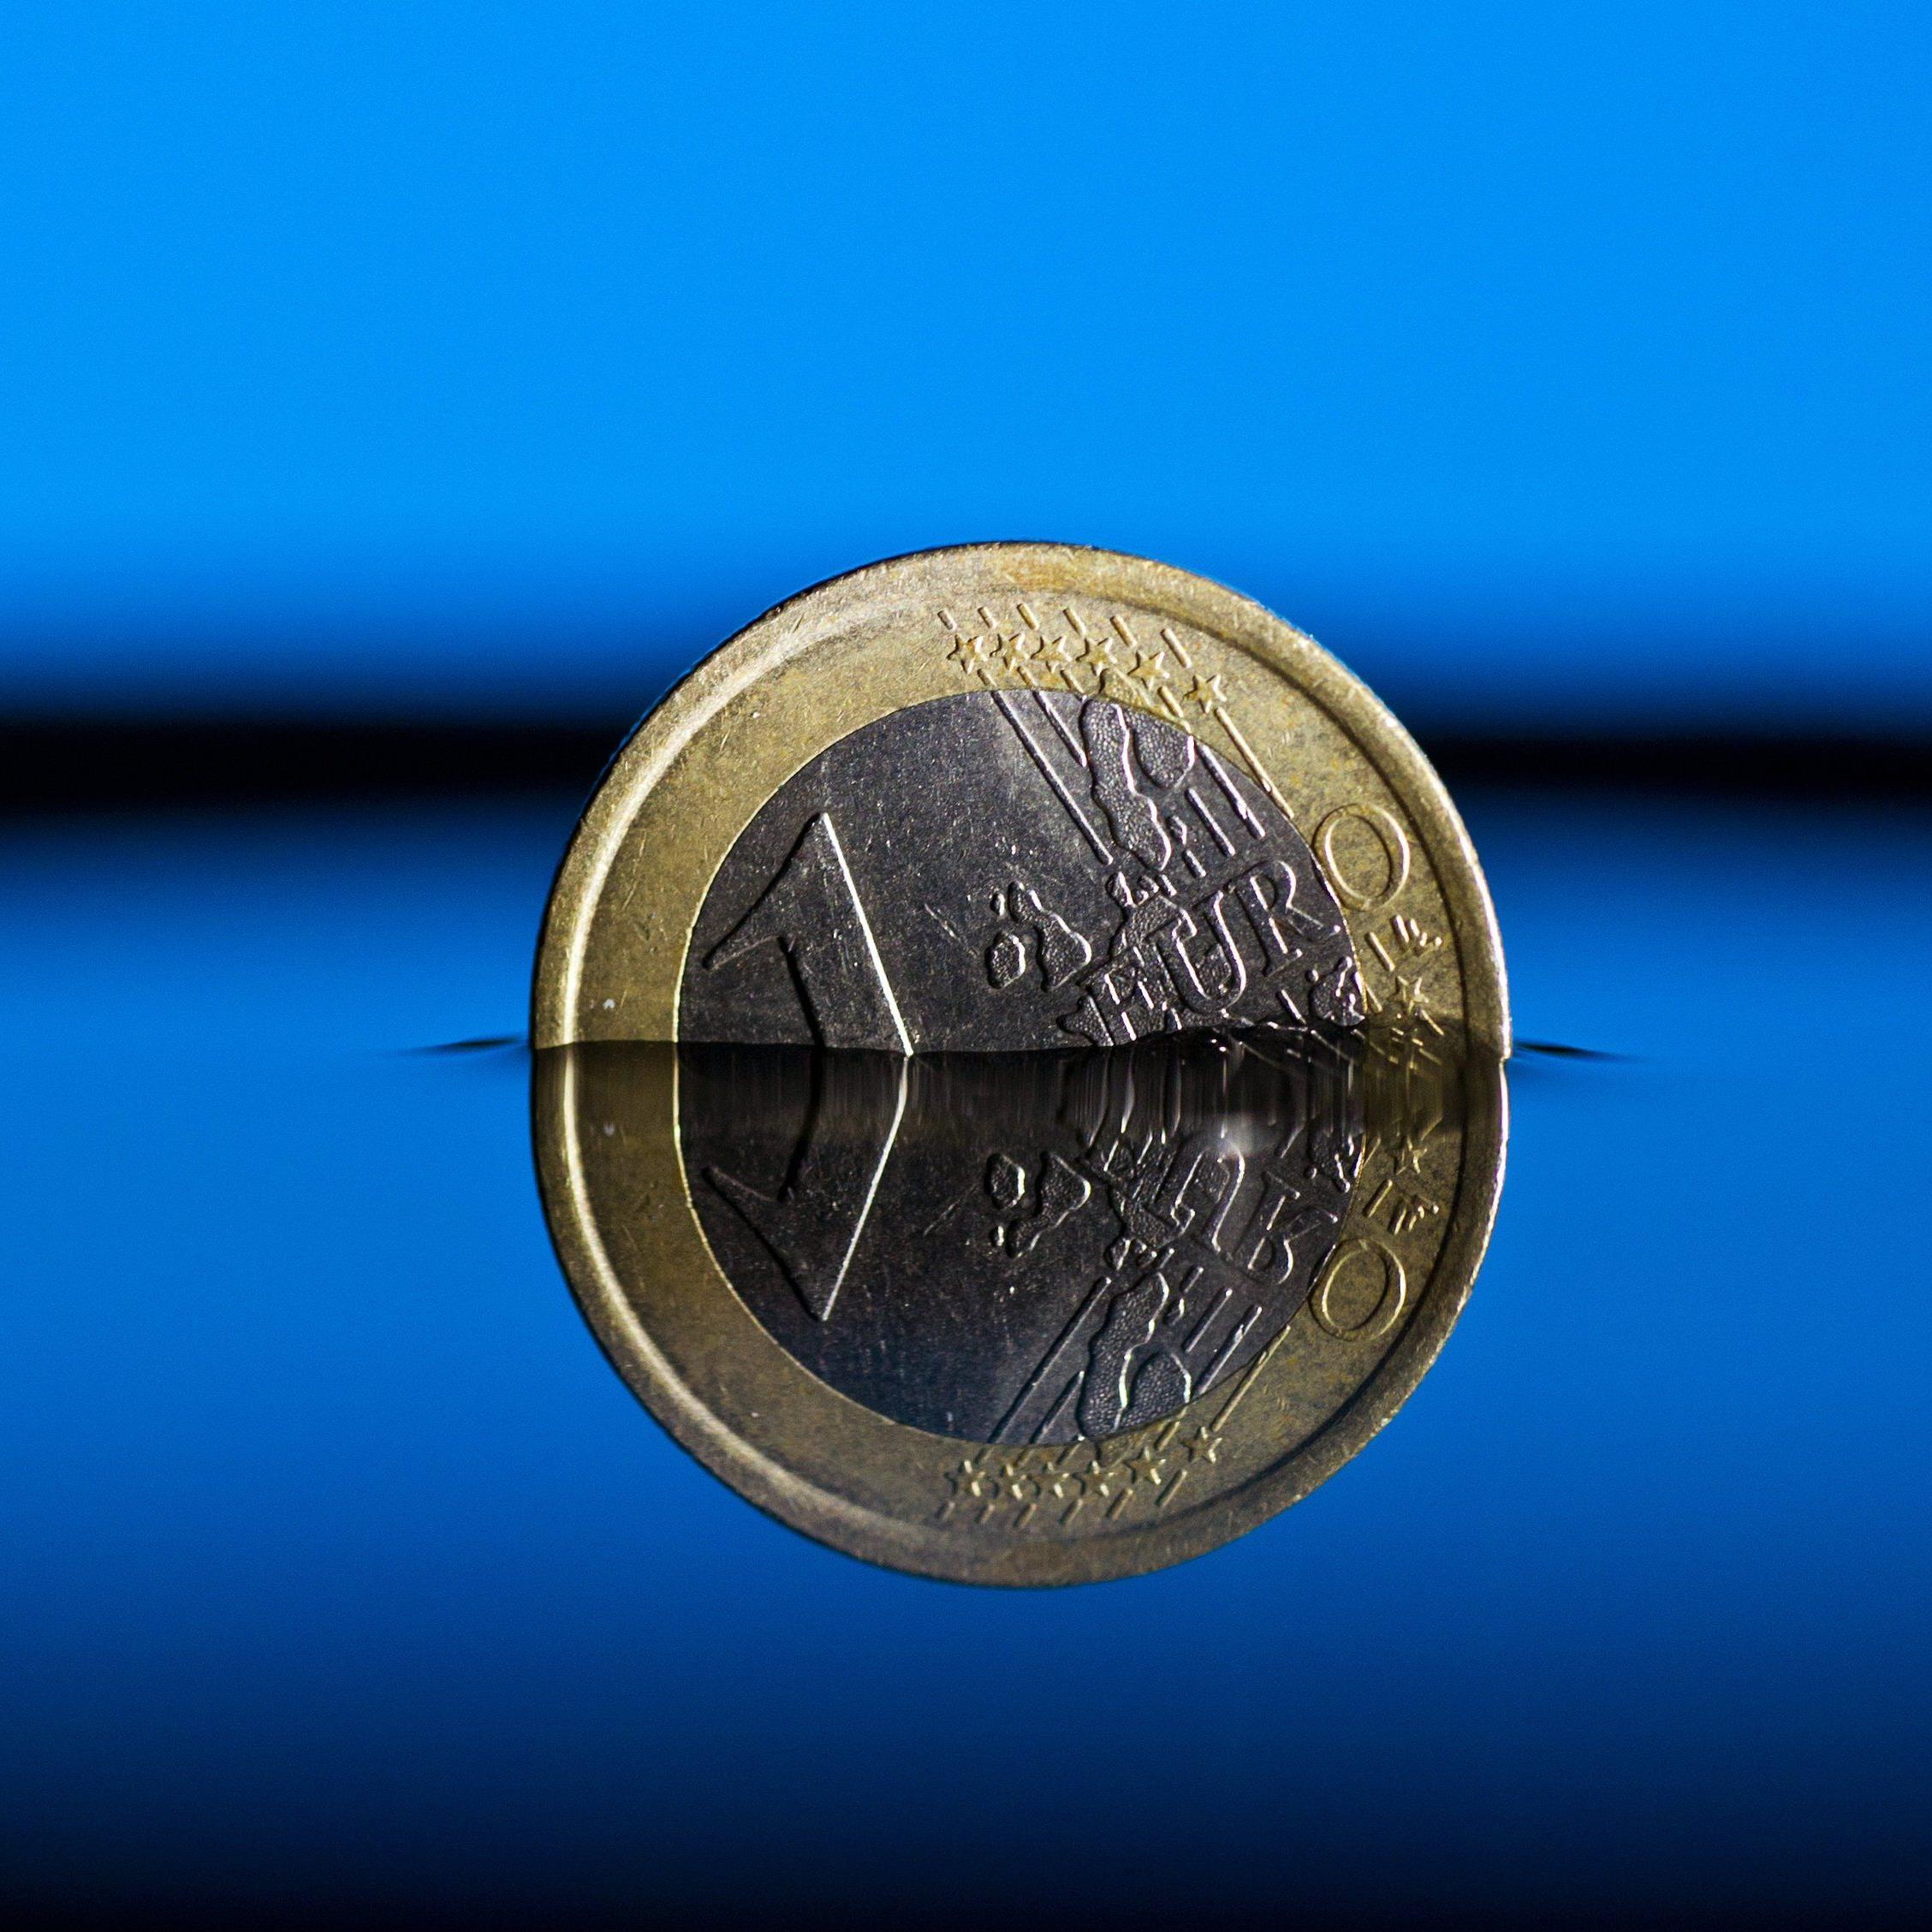 Wem nützt der Kursverlust der Gemeinschaftswährung, wie kann das der Wirtschaft helfen?